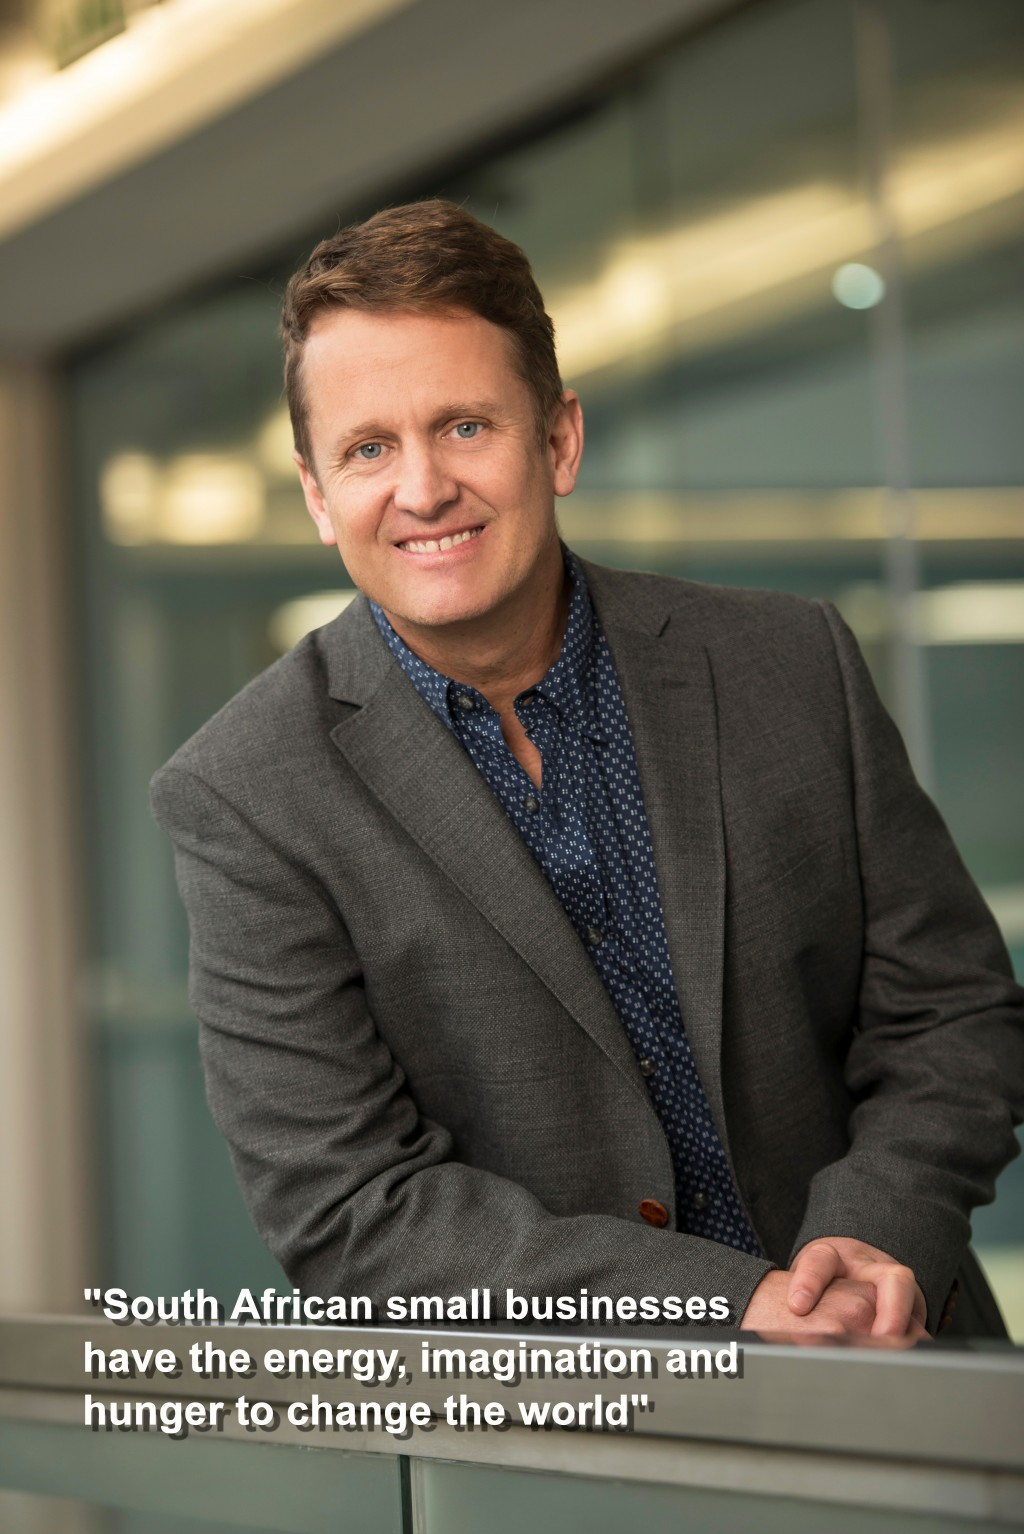 Anton van Heerden - President of Sage International quoted 2